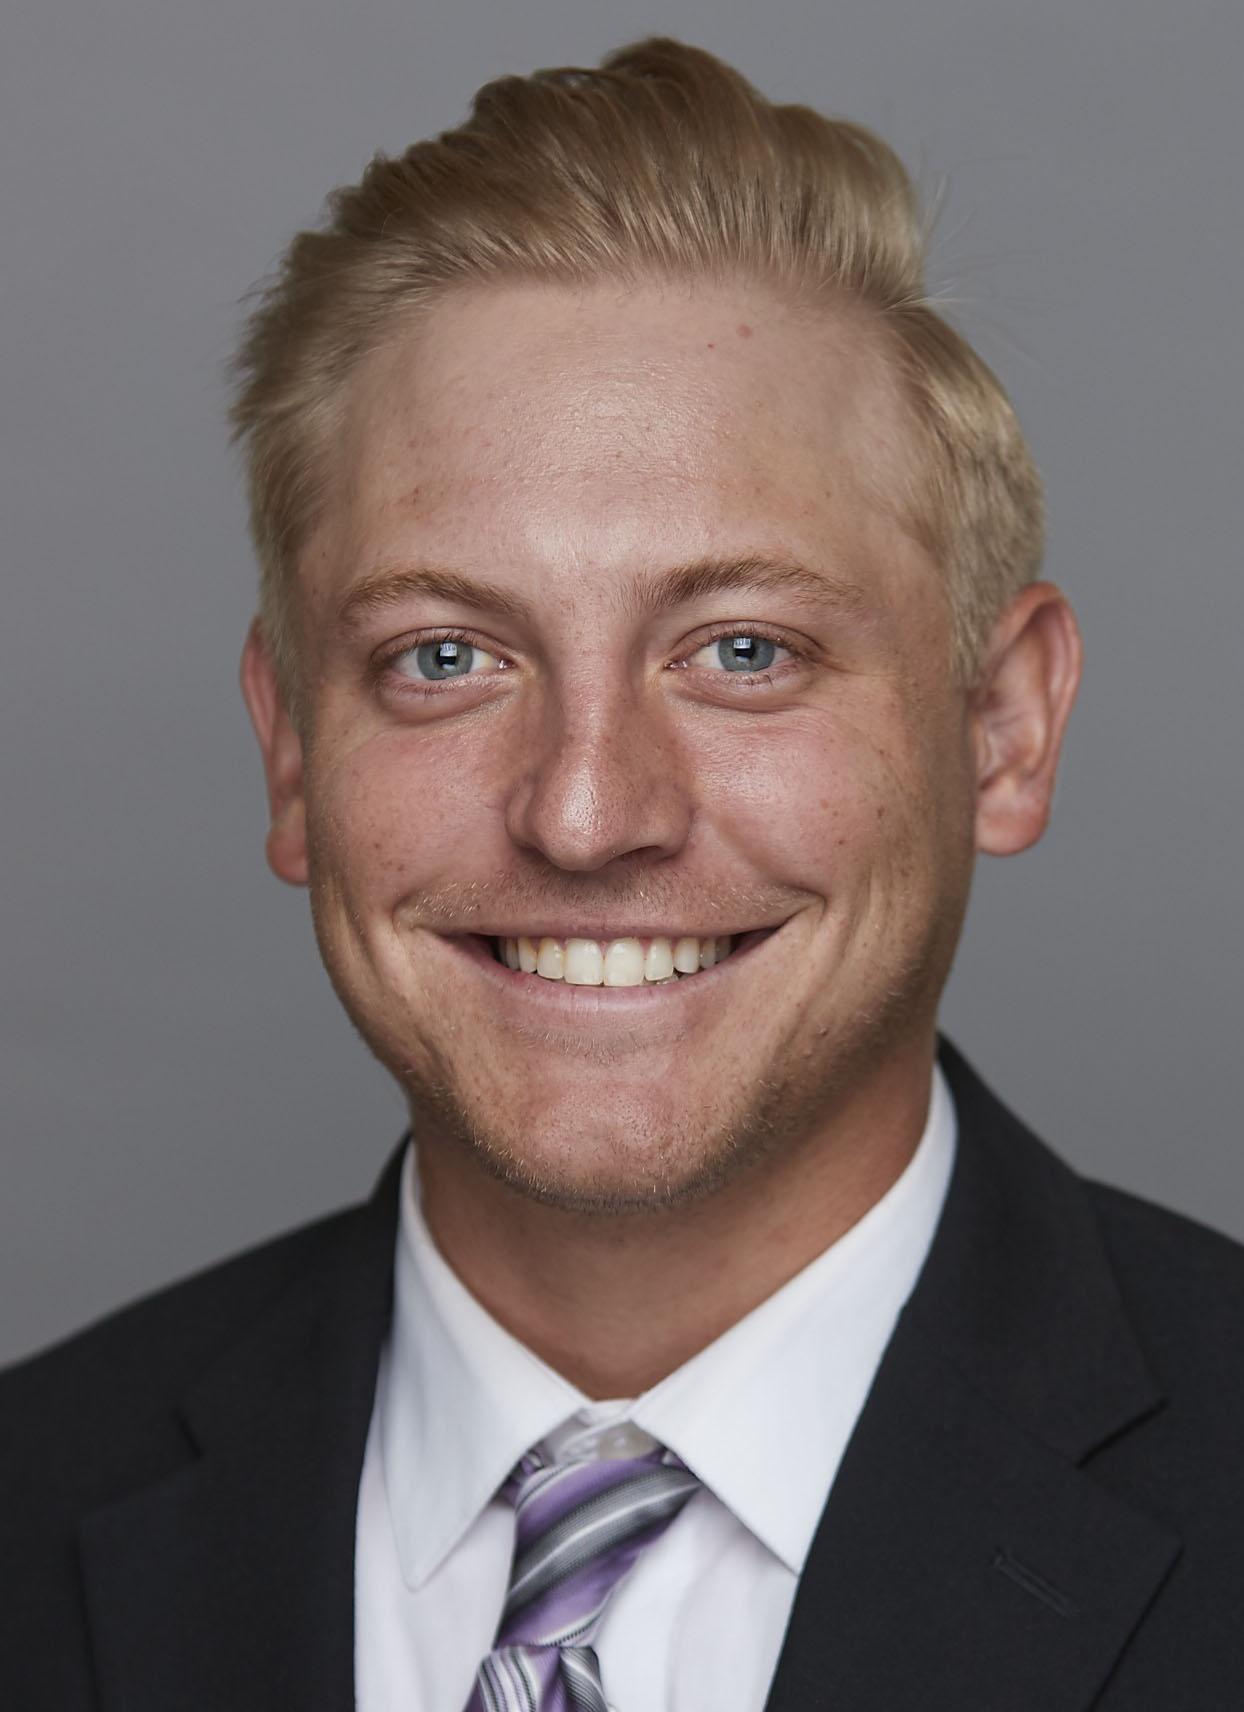 2020-Jake Chanen